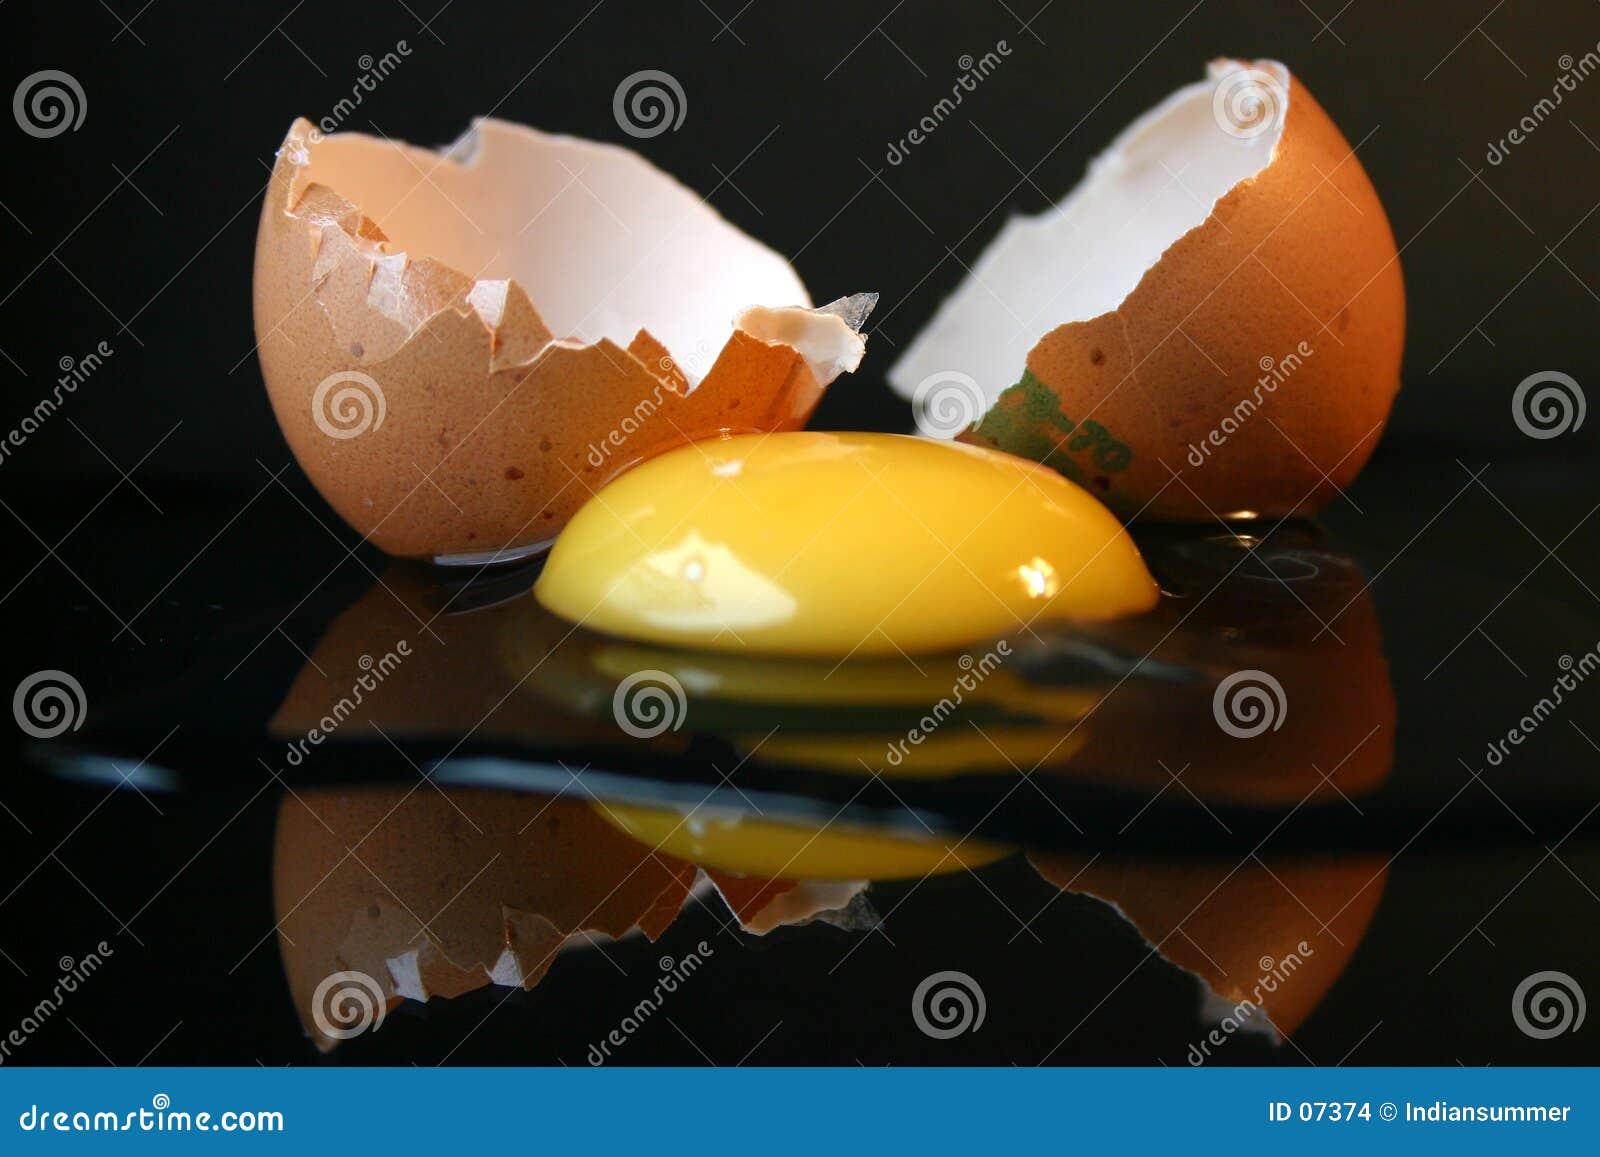 Still-life with a broken egg II